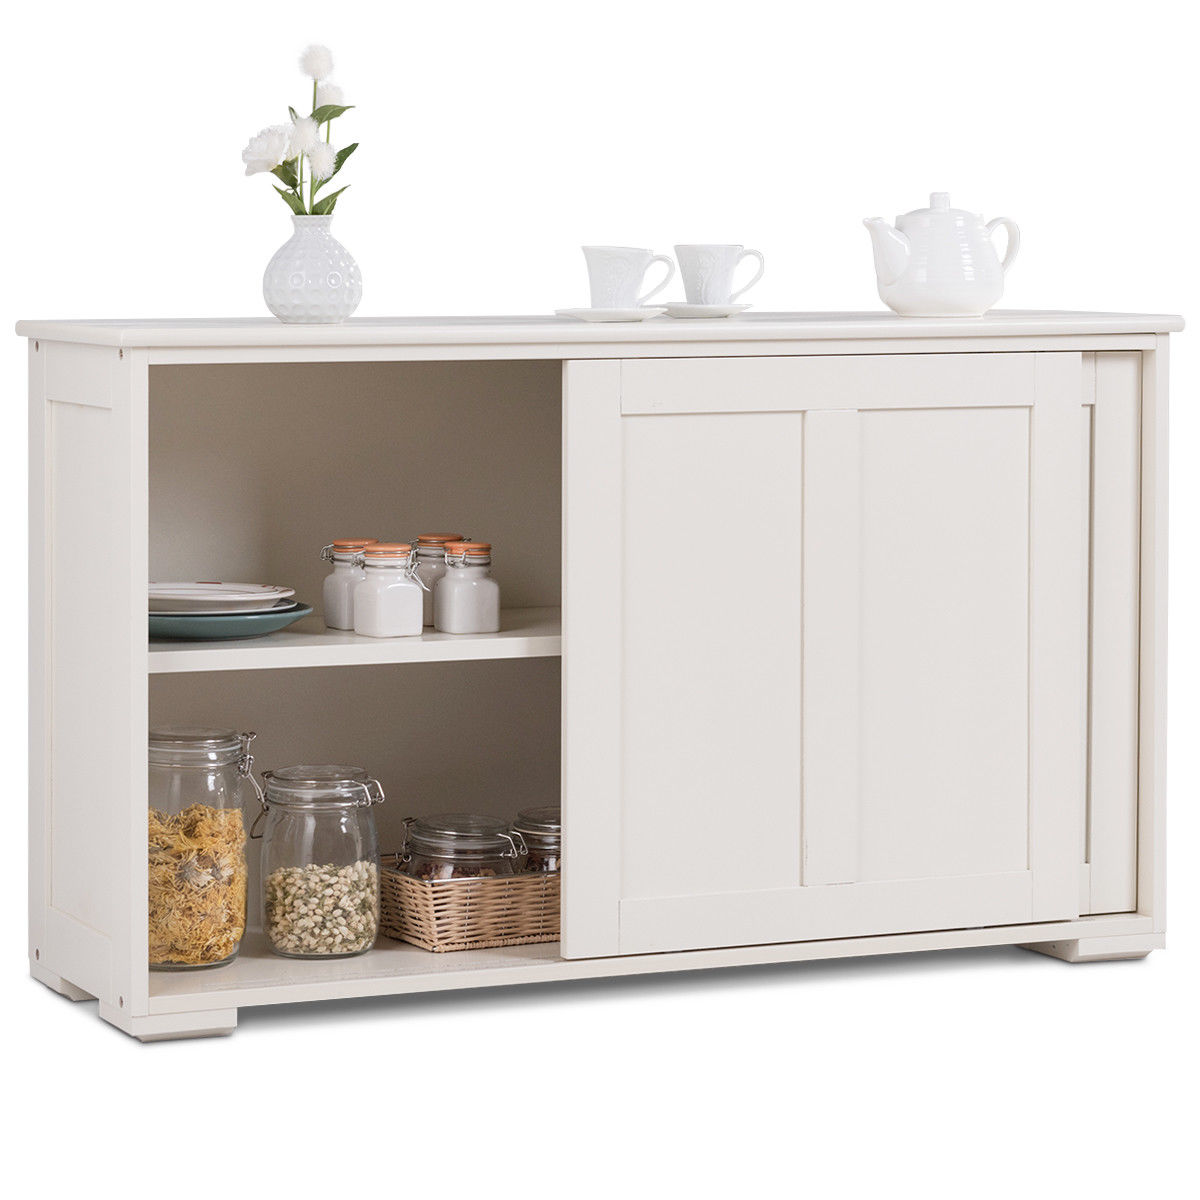 Costway Kitchen Storage Cabinet Sideboard Buffet Cupboard Wood Sliding Door Pantry Walmart Com Walmart Com